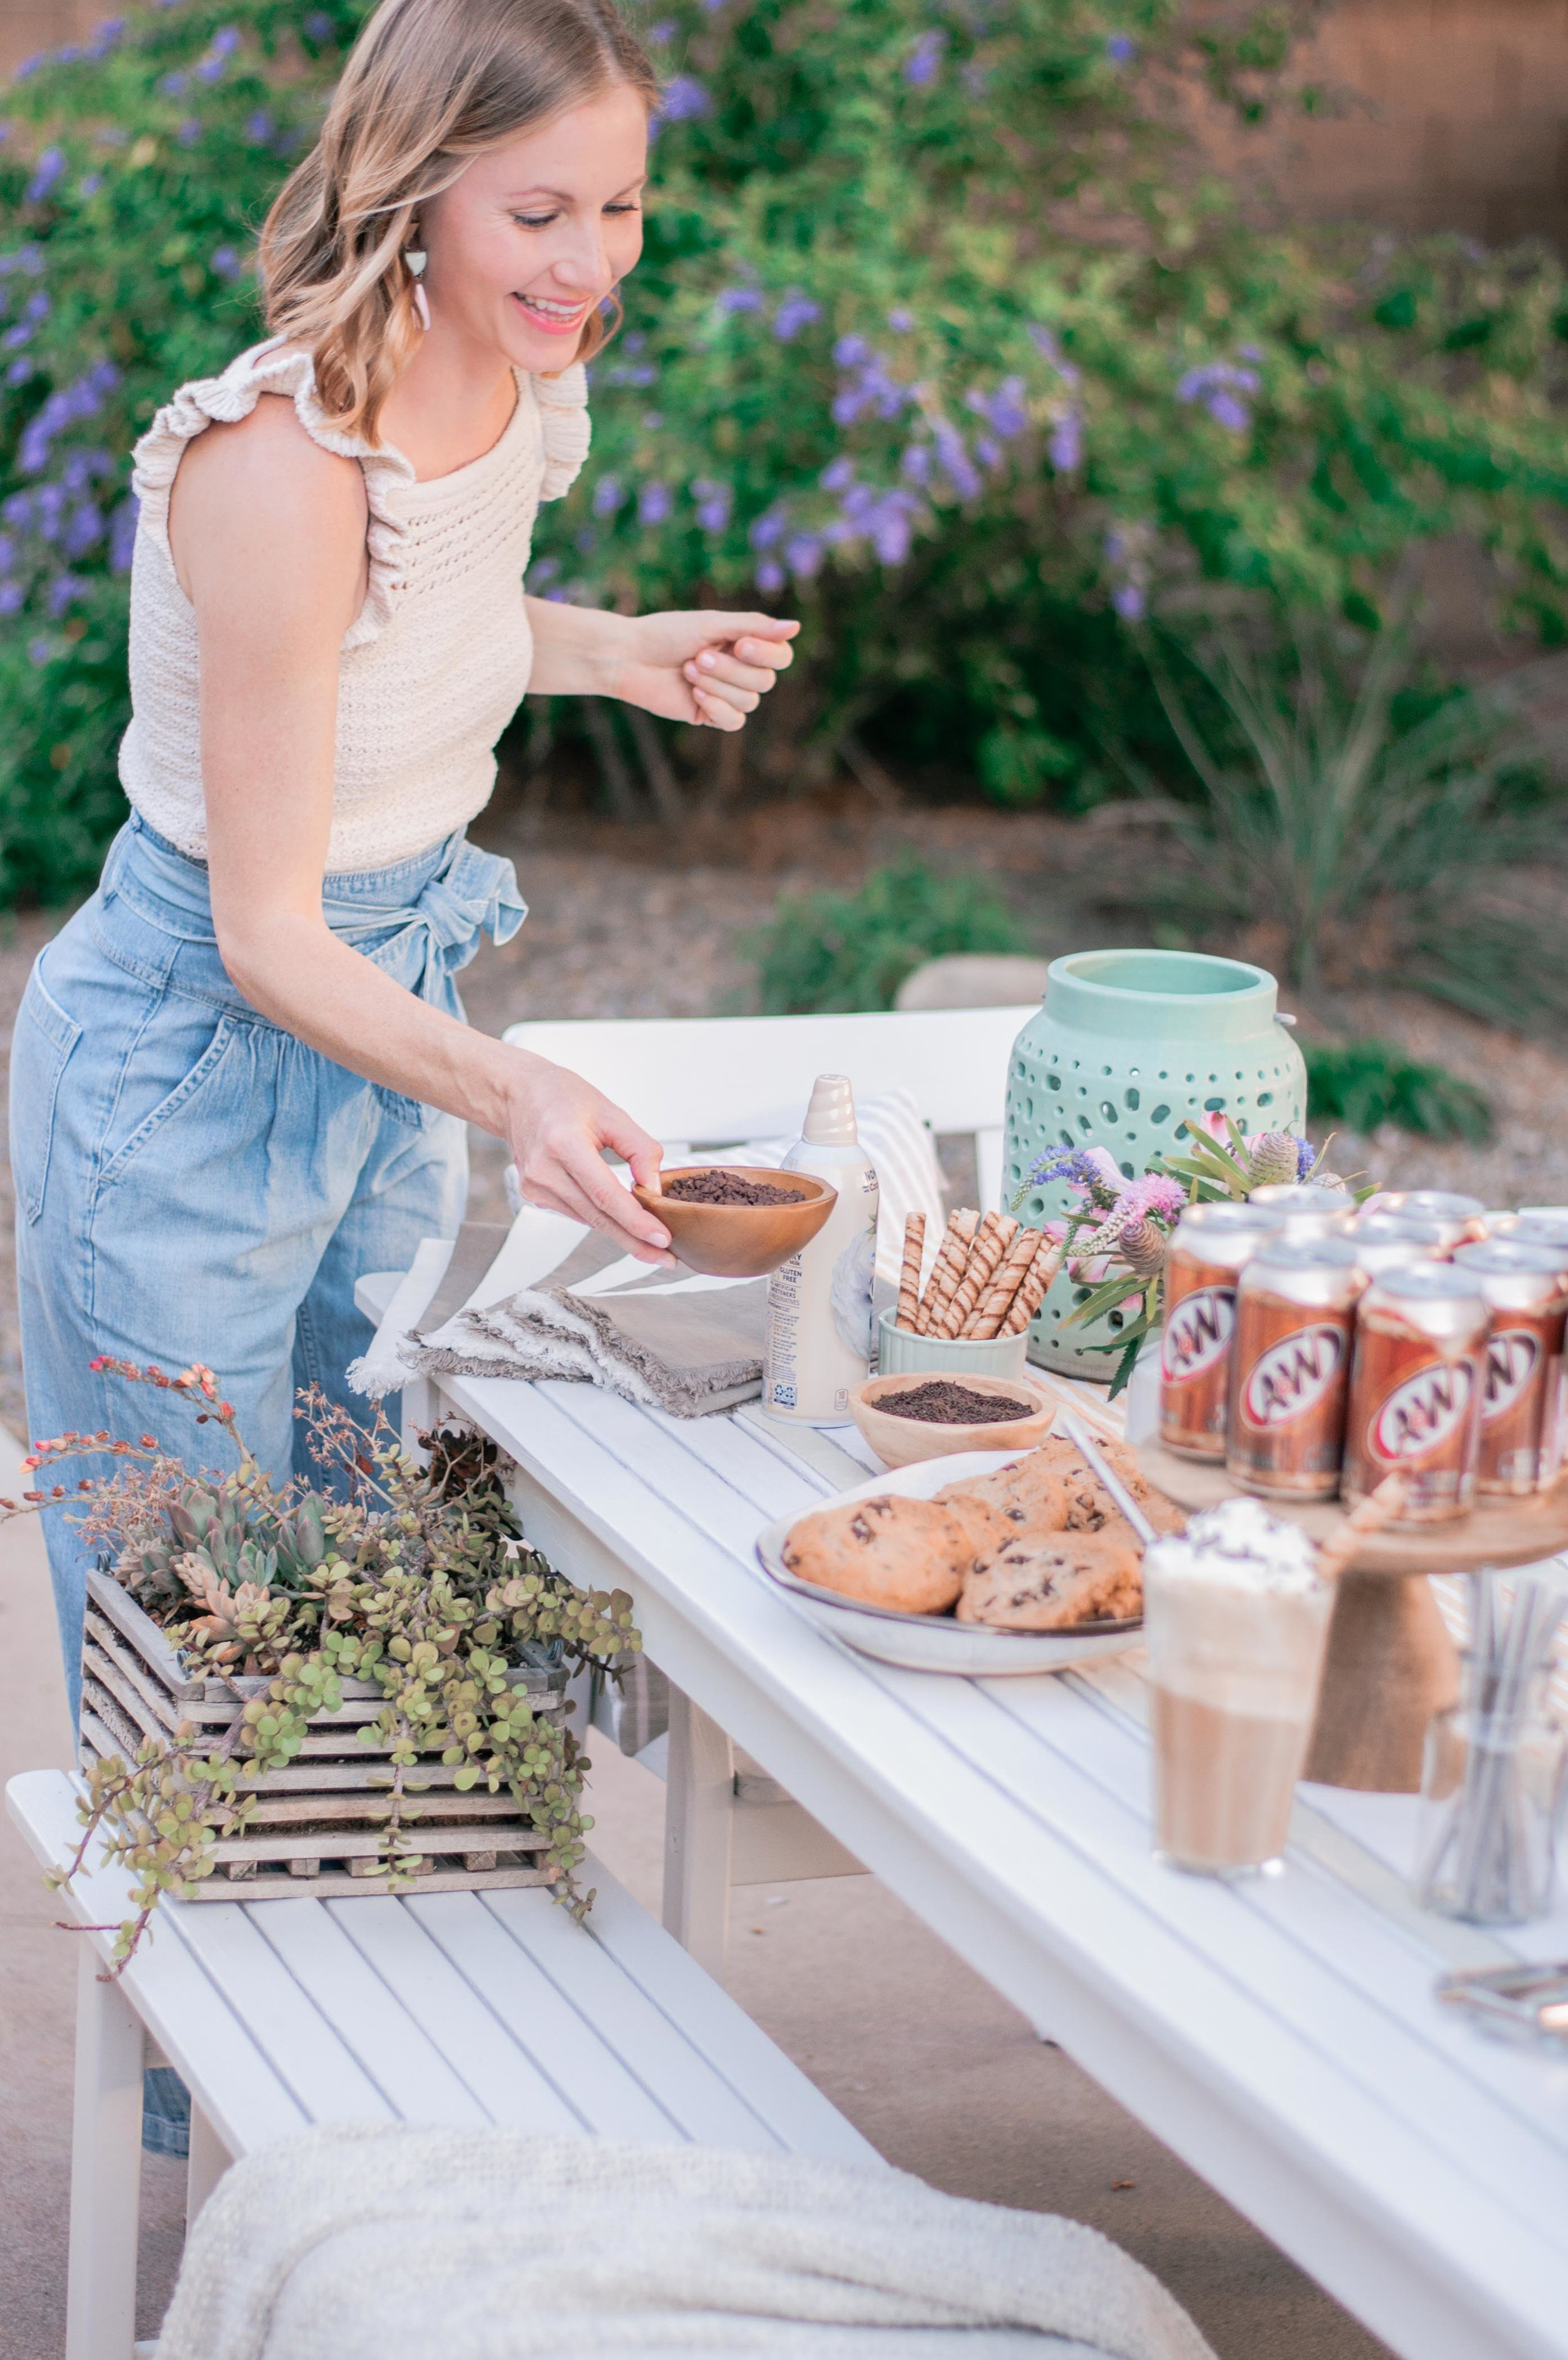 Summer Backyard BBQ Ideas